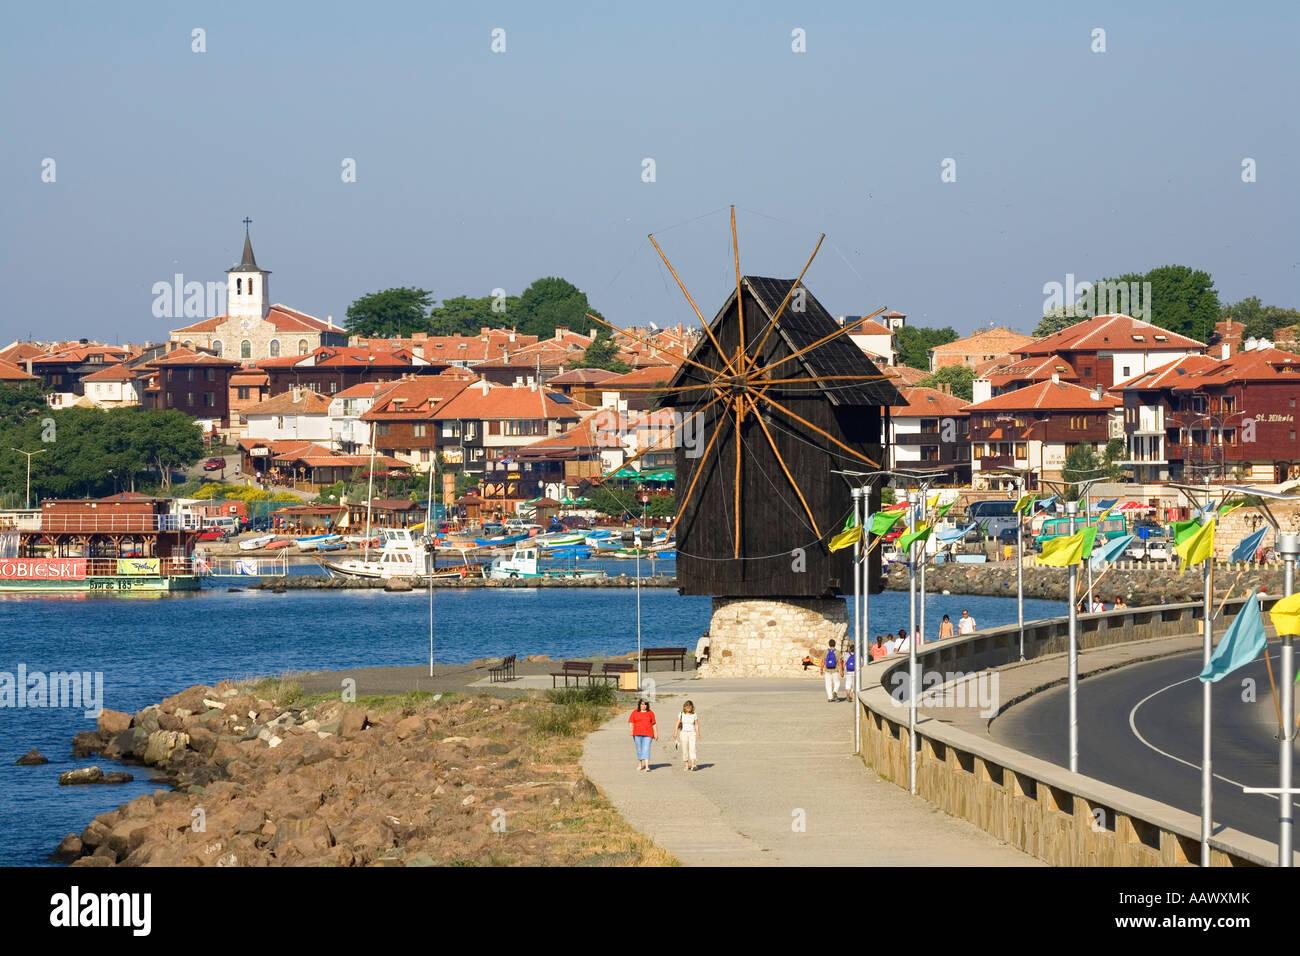 Town museum Nesebar, Black Sea, Bulgaria - Stock Image